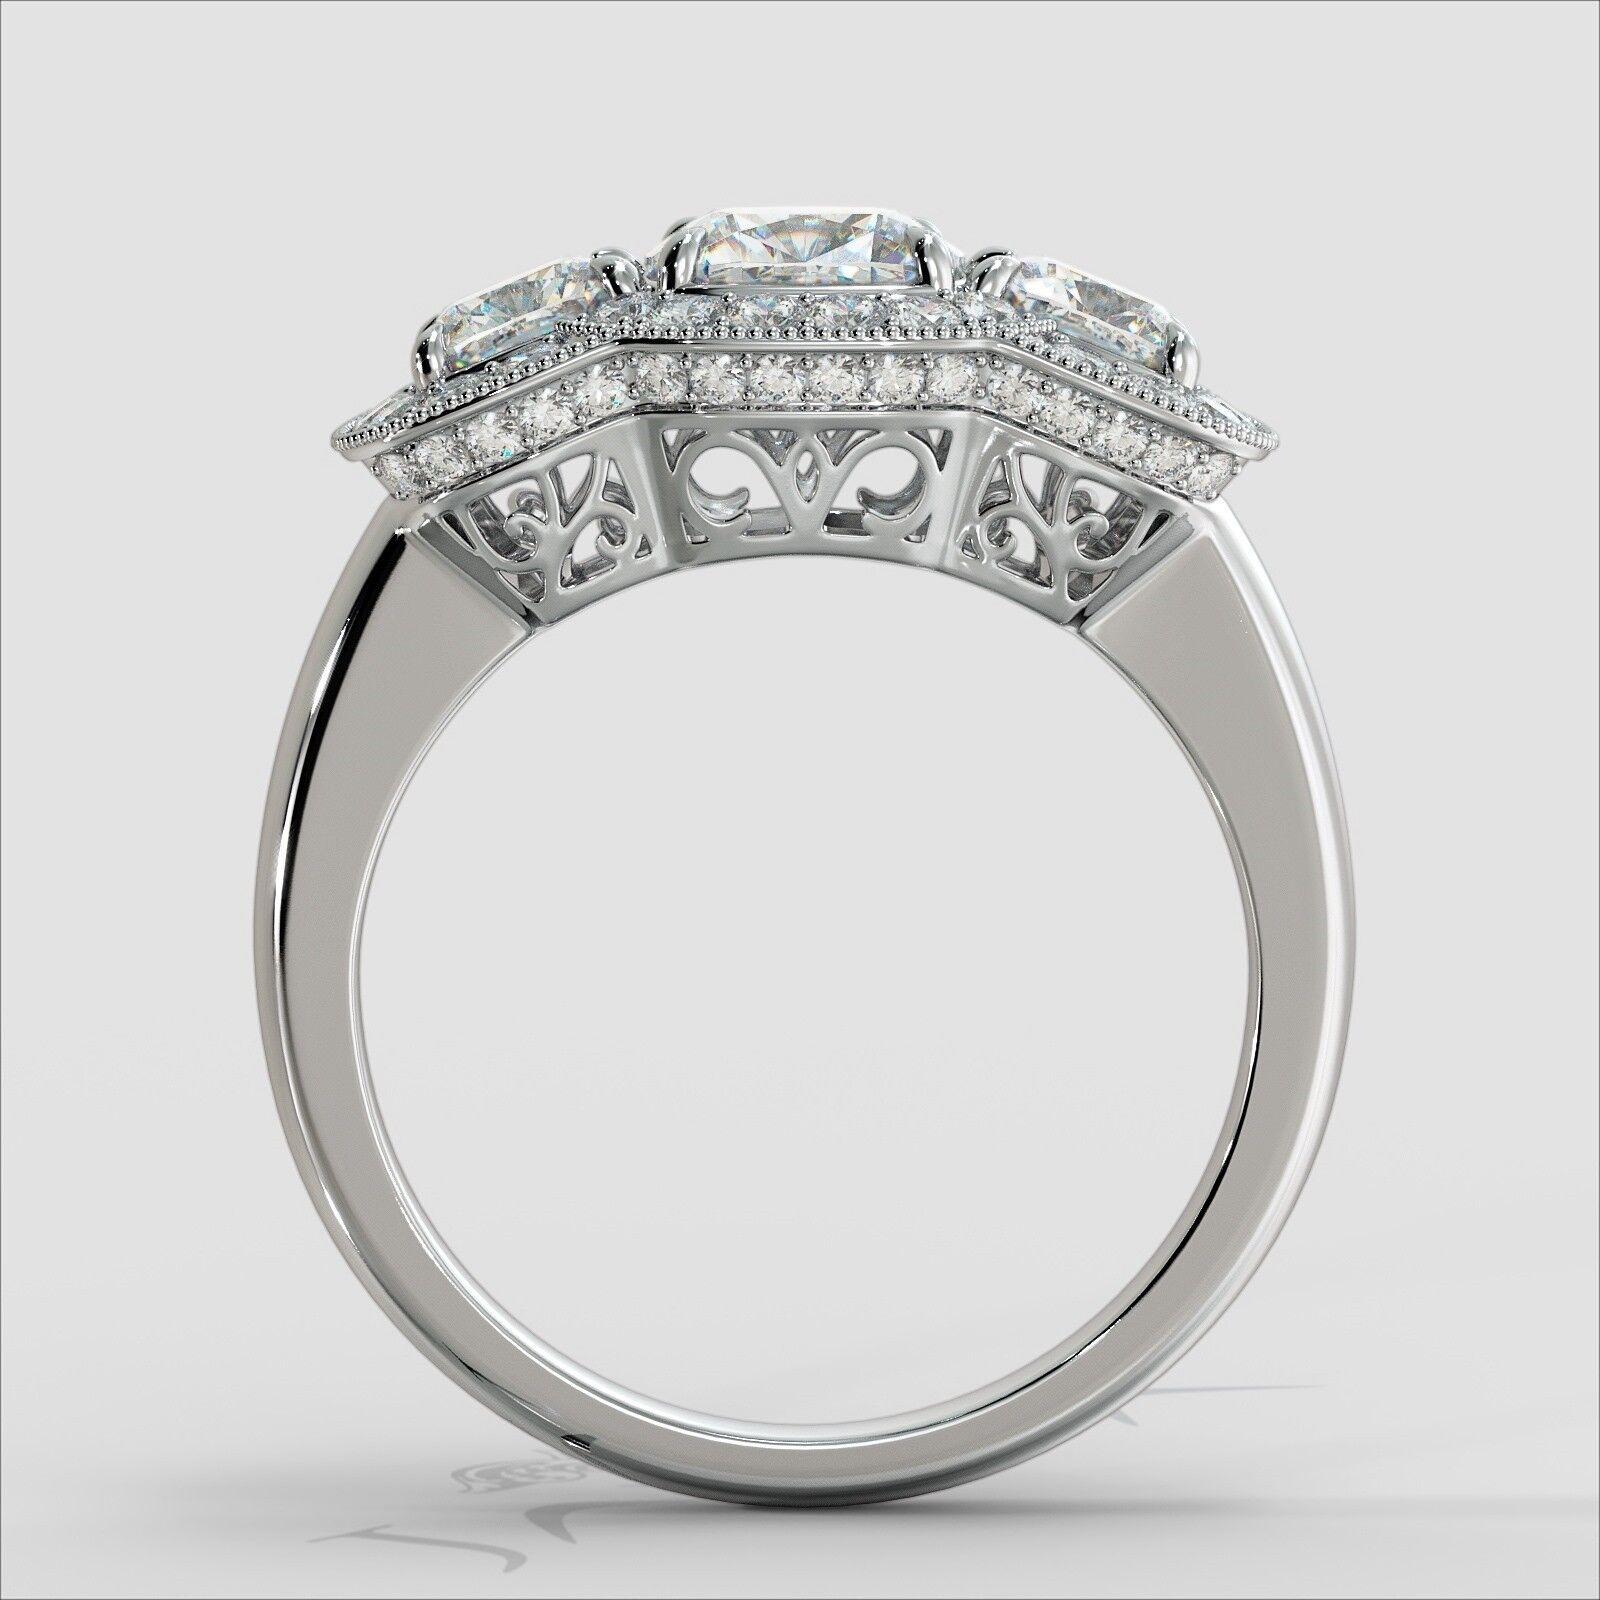 2.25ctw Milgrain Halo 3 Stone Cushion Diamond Engagement Ring GIA I-SI1 W Gold 3